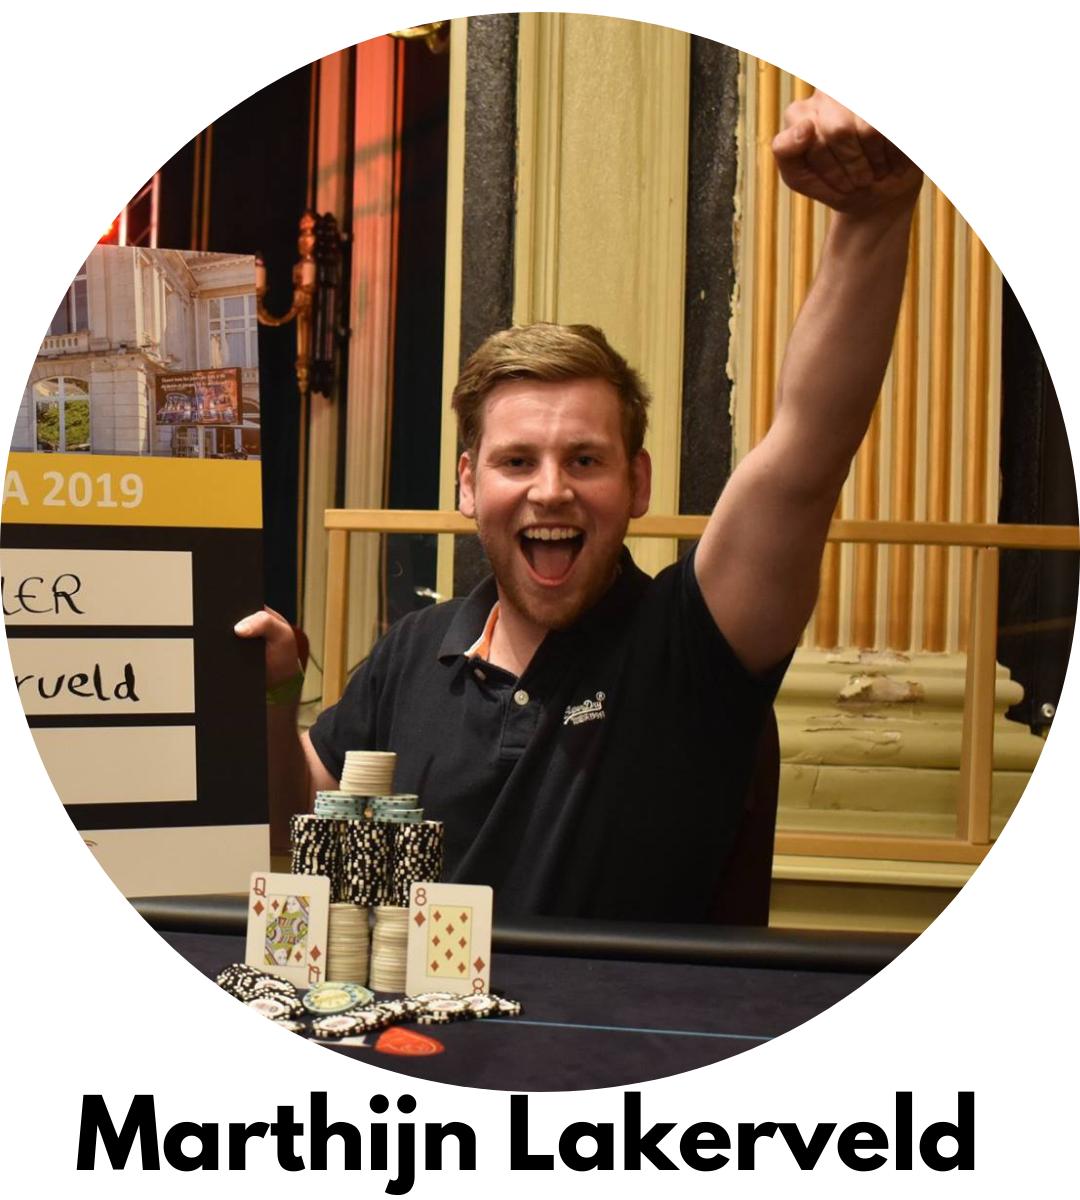 Marthijn Lakerveld